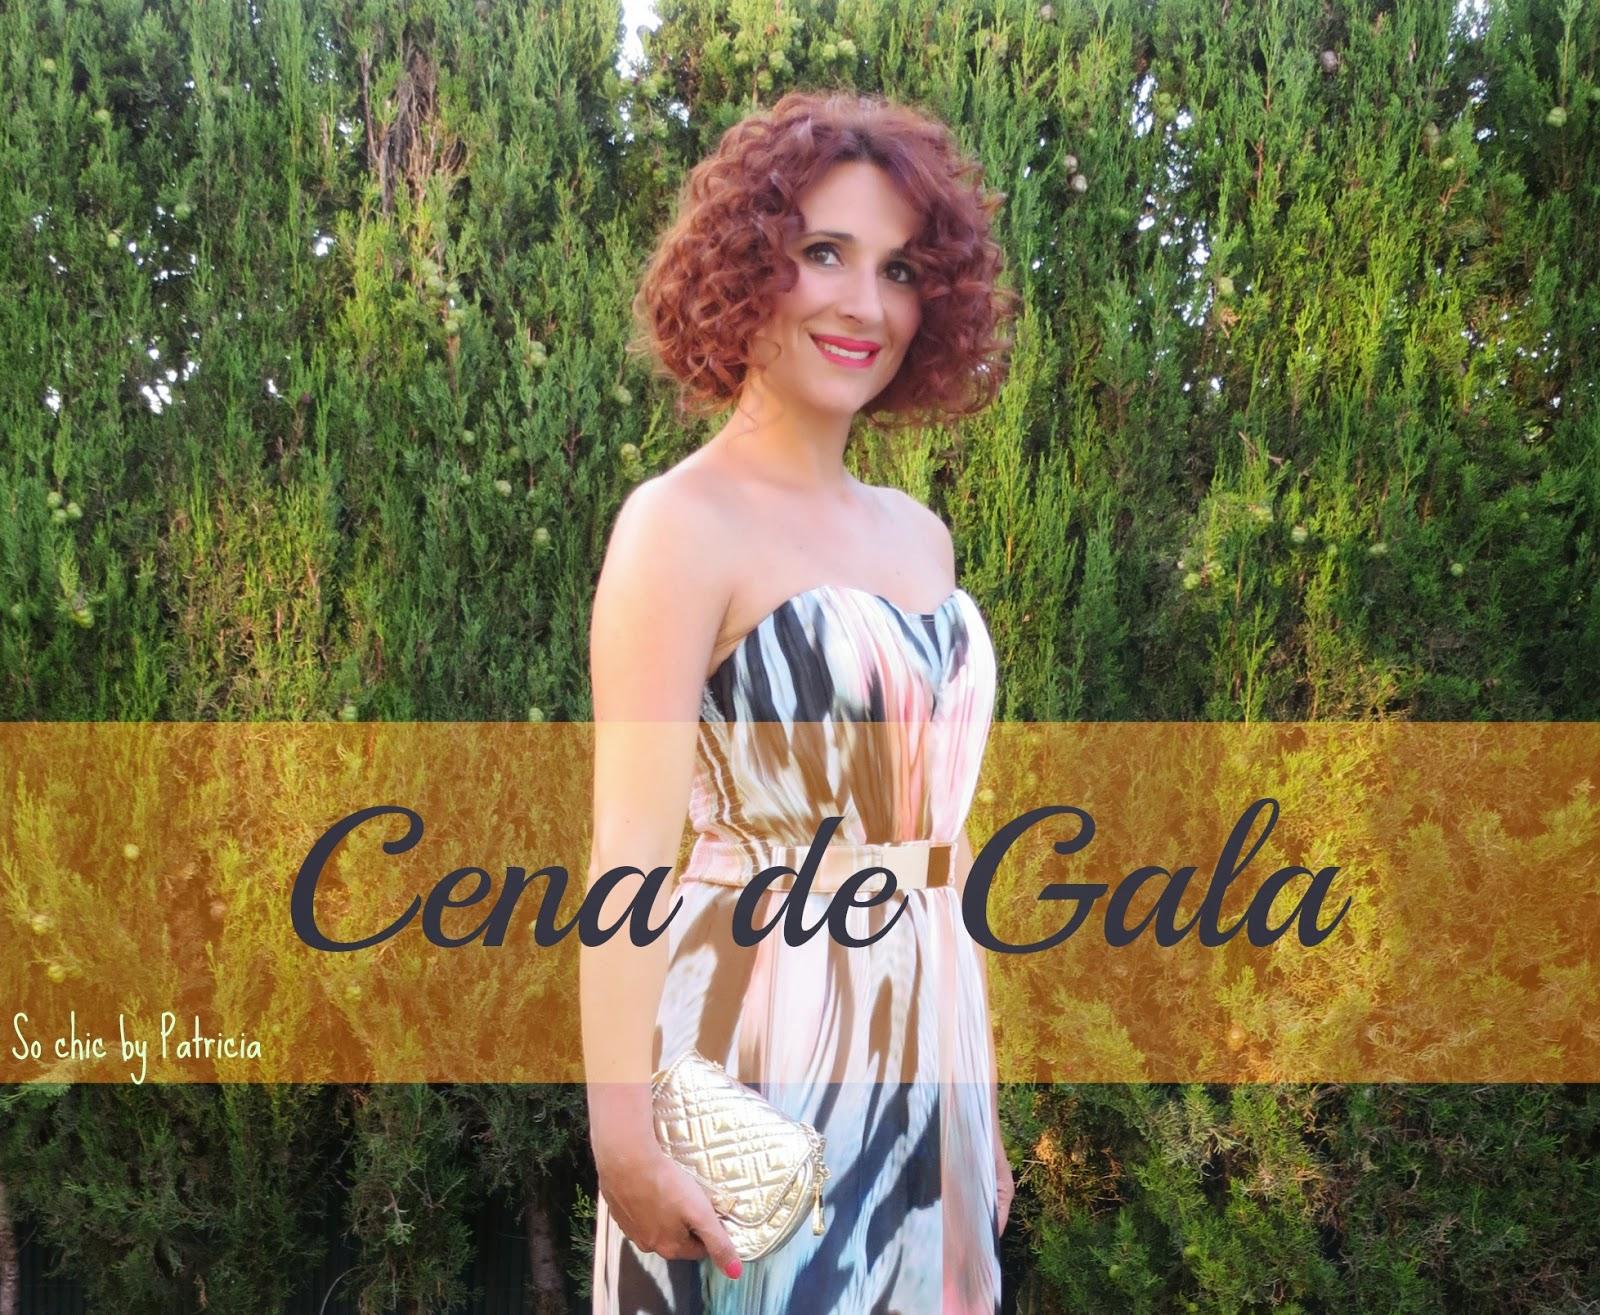 So chic by Patricia_Cena de Gala